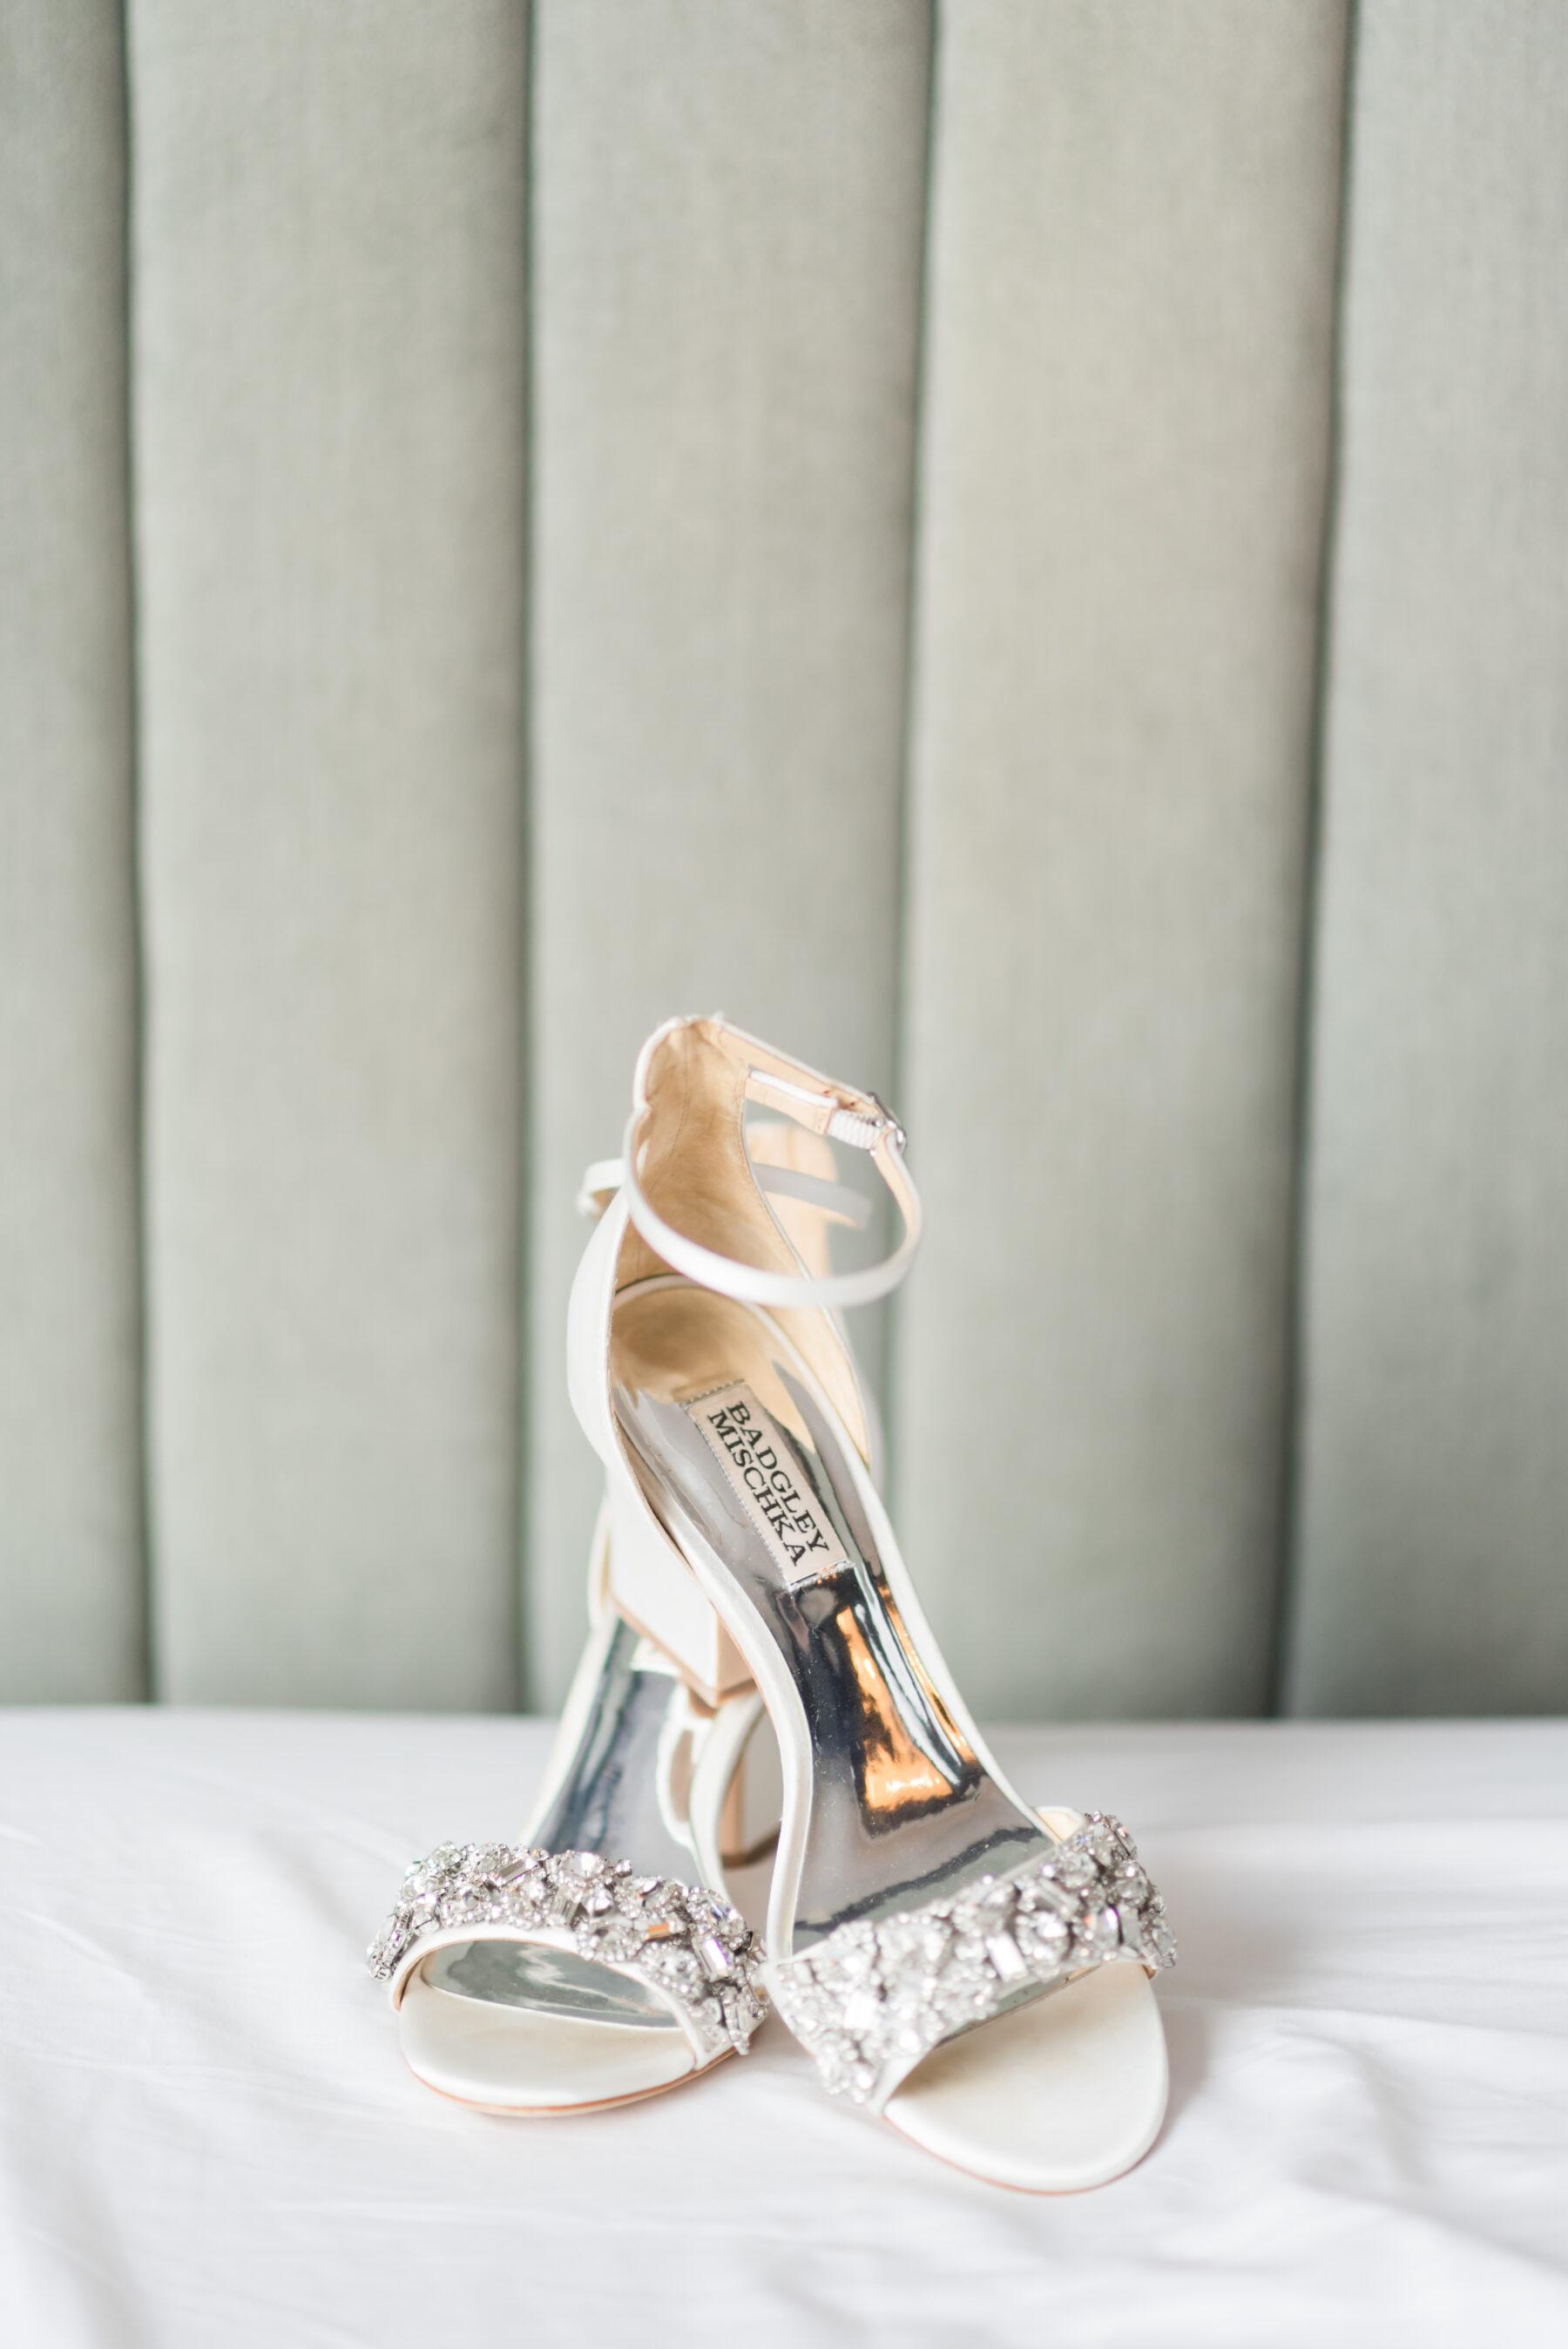 Embellished open-toed Badgley Mischka wedding shoes